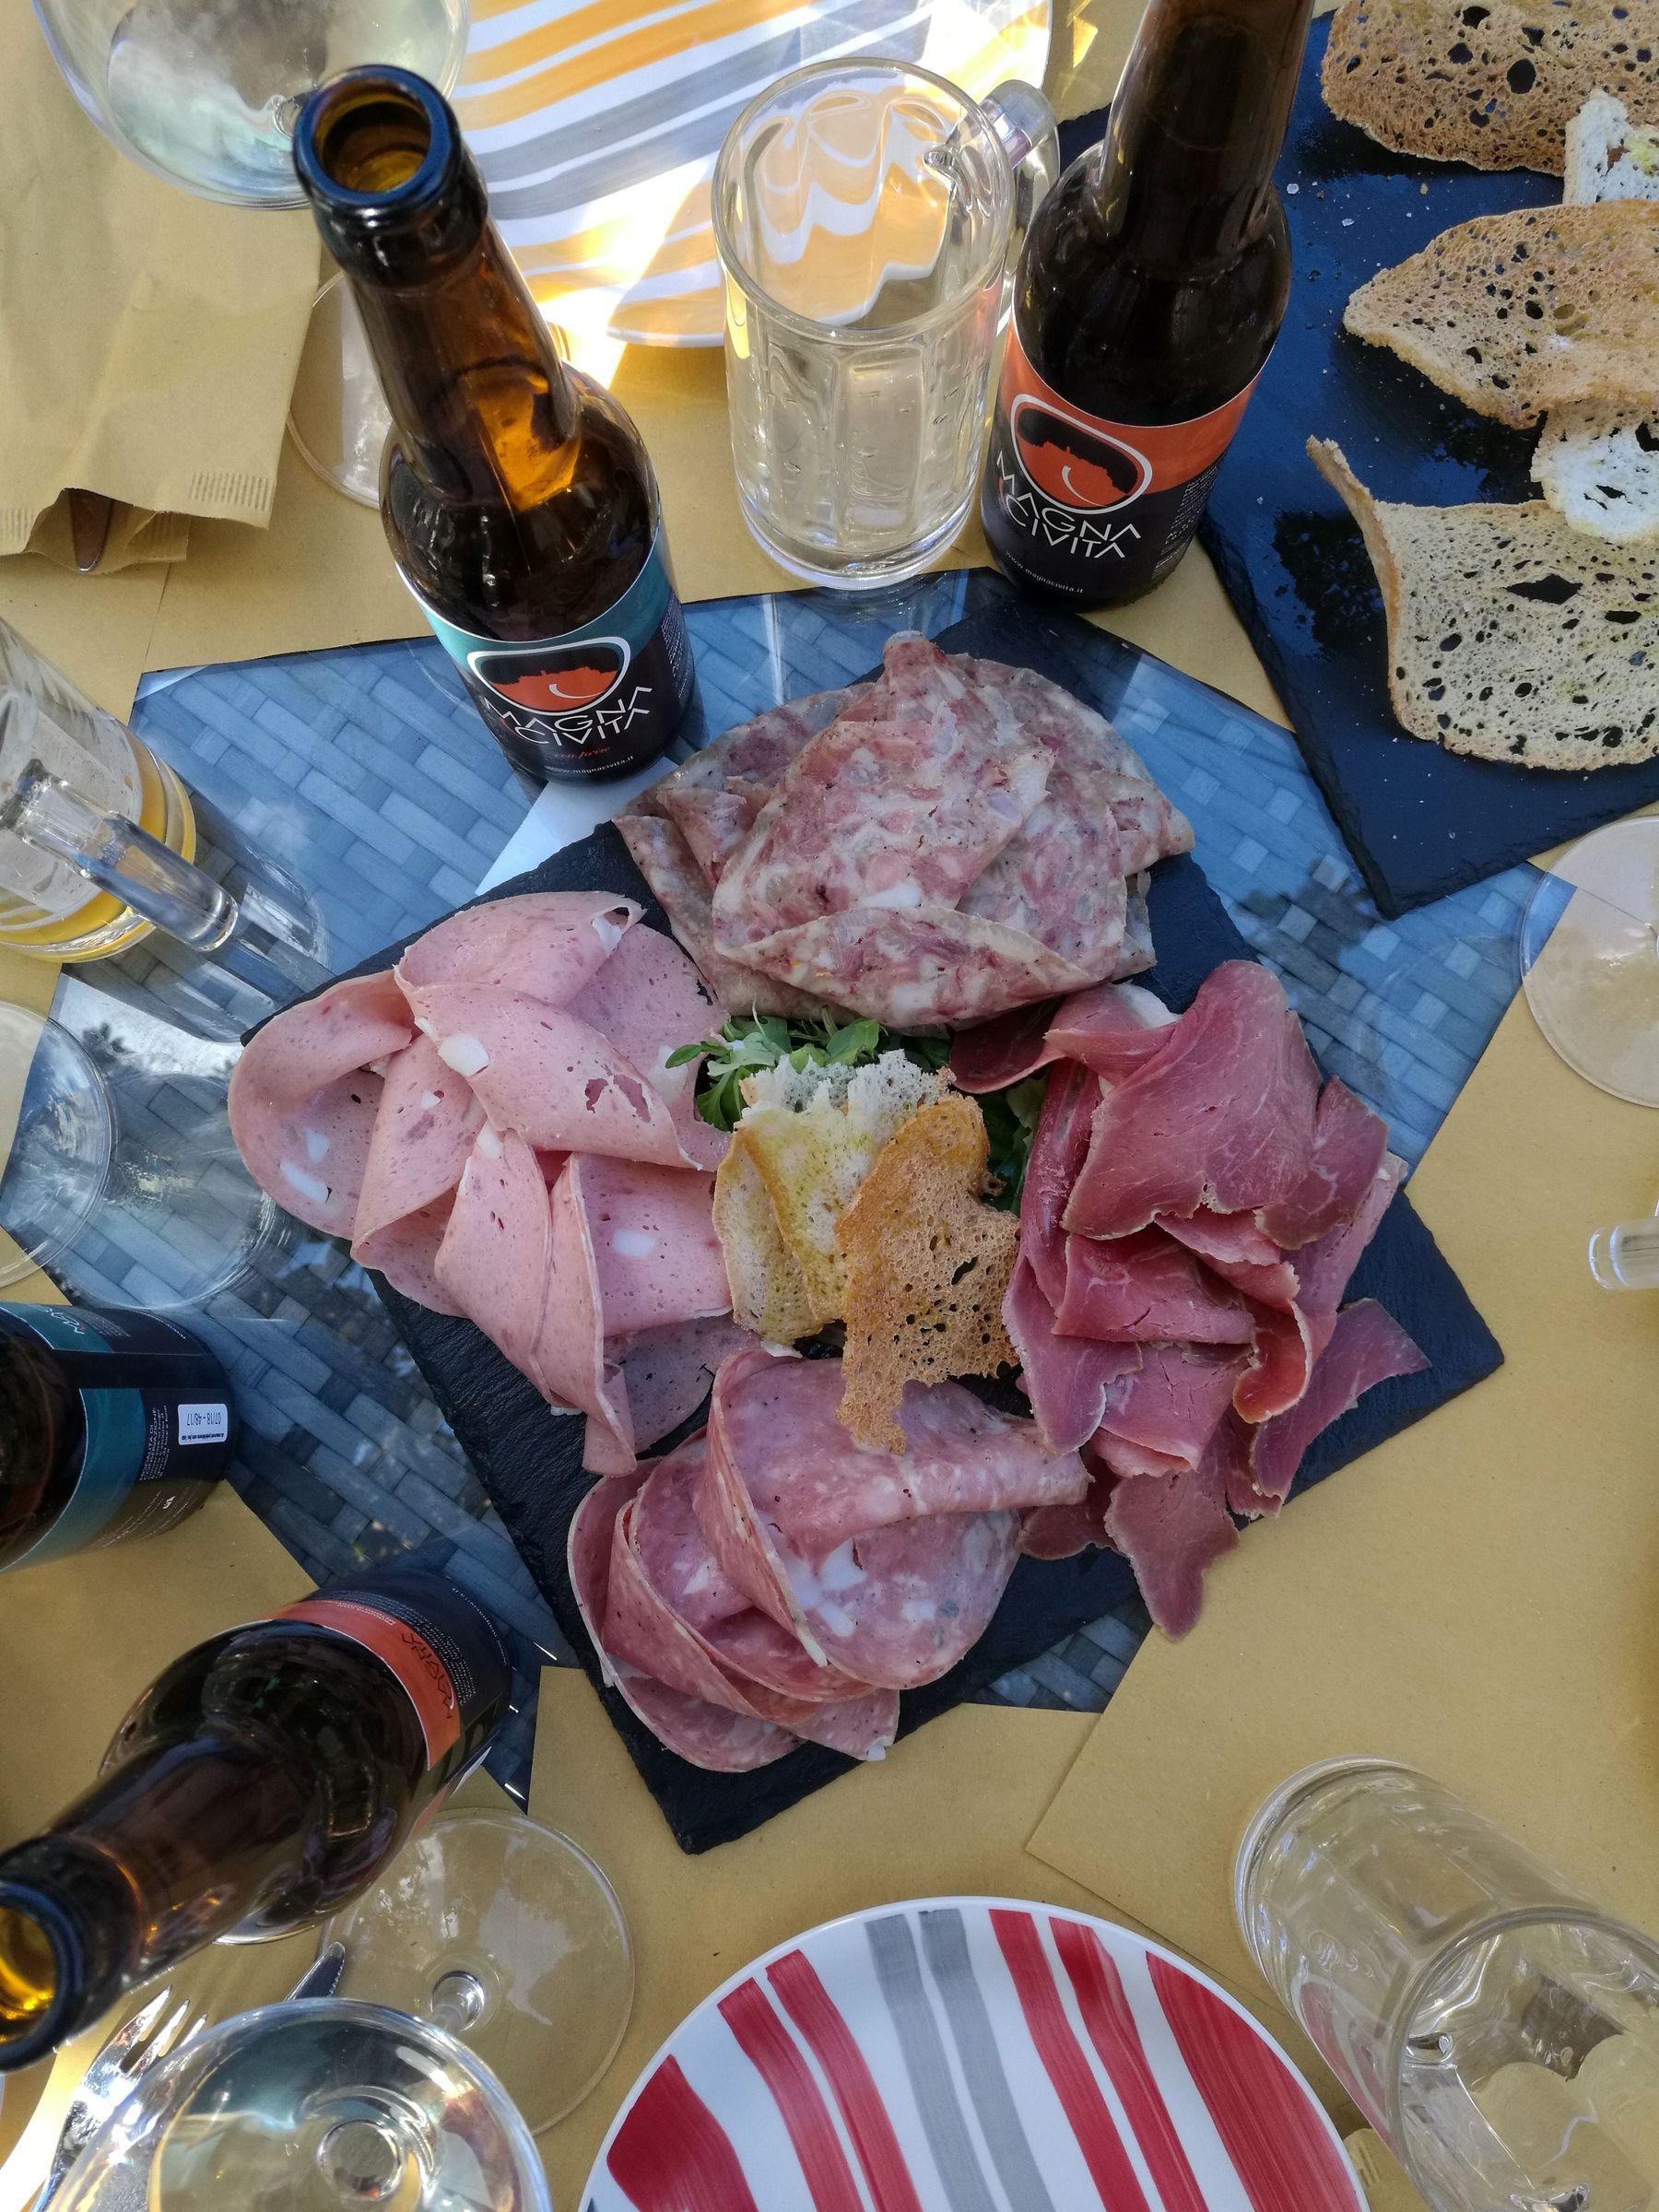 Magna Civitabagnoregio Blossom zine viaggio Promo Tuscia